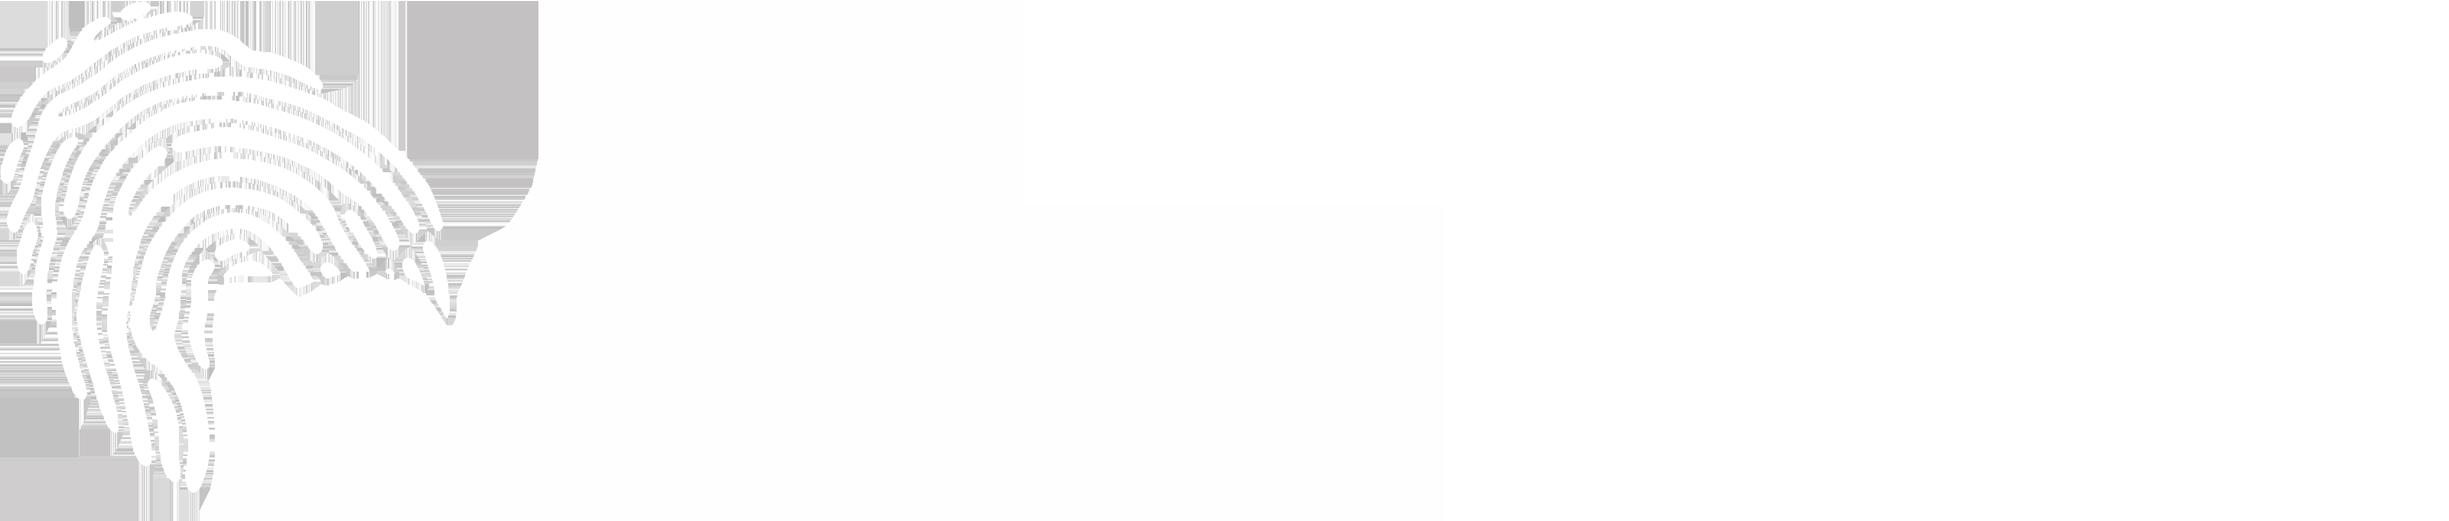 nukhu news